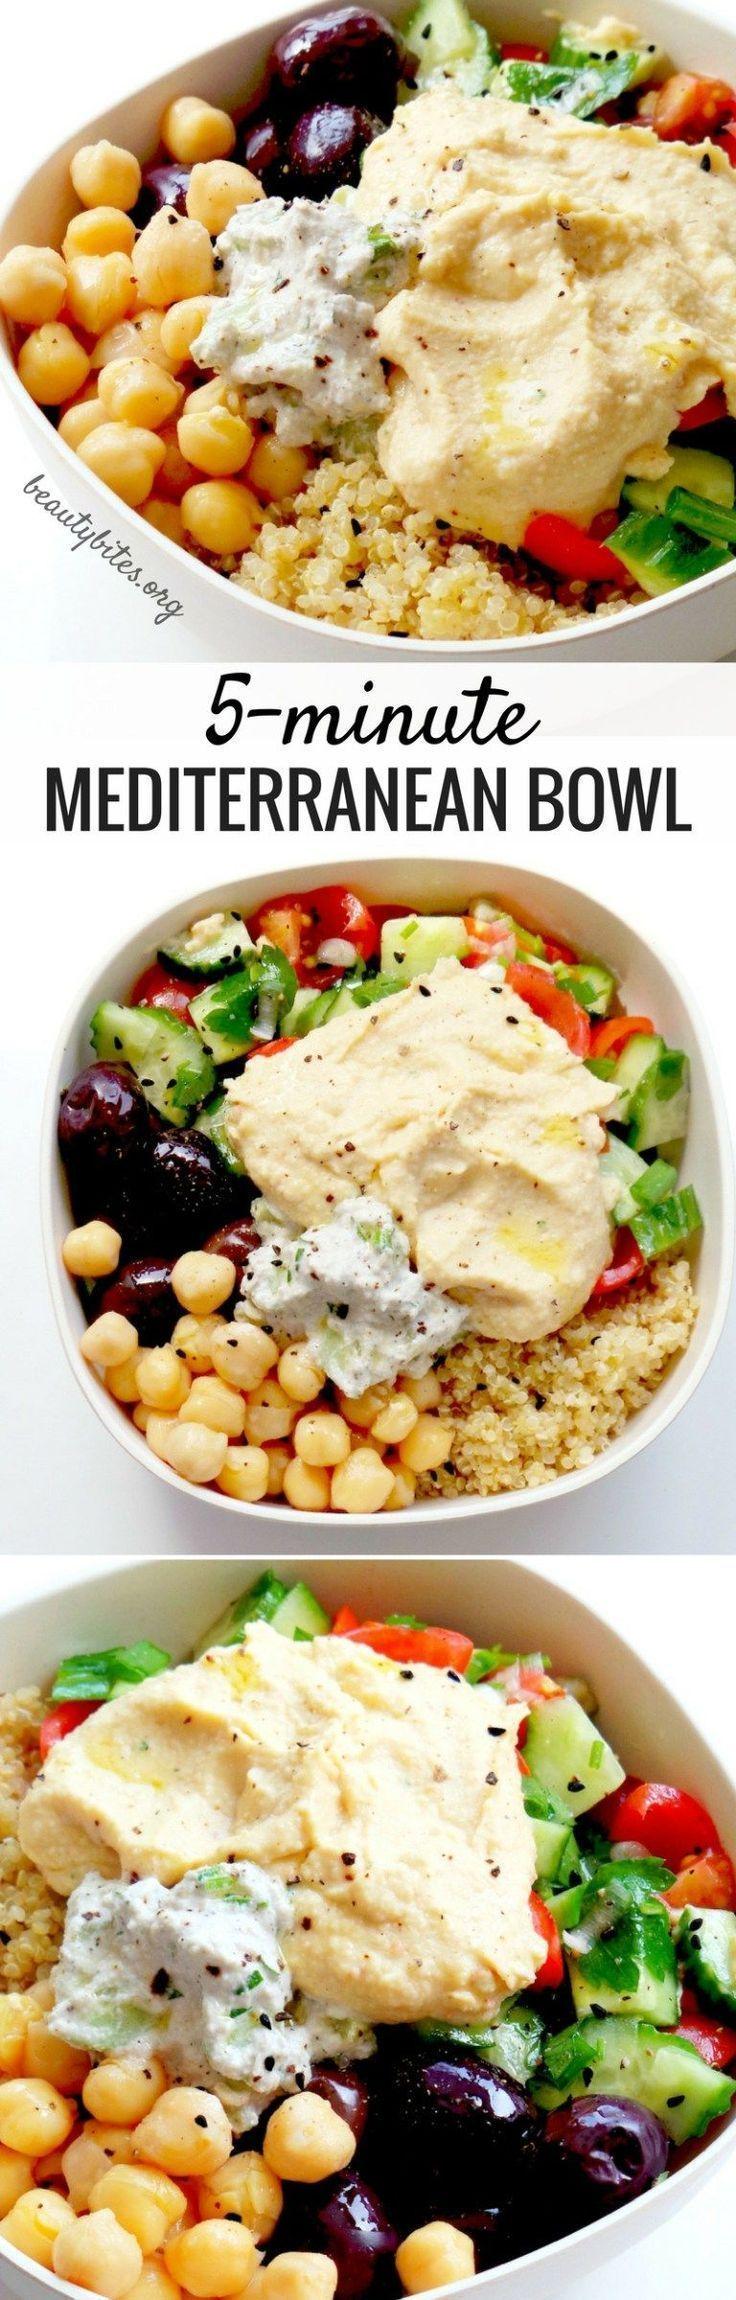 5-minütige mediterrane Schüssel – gesunde Zubereitung von Mittagsmahlzeiten #healthyfoodprep